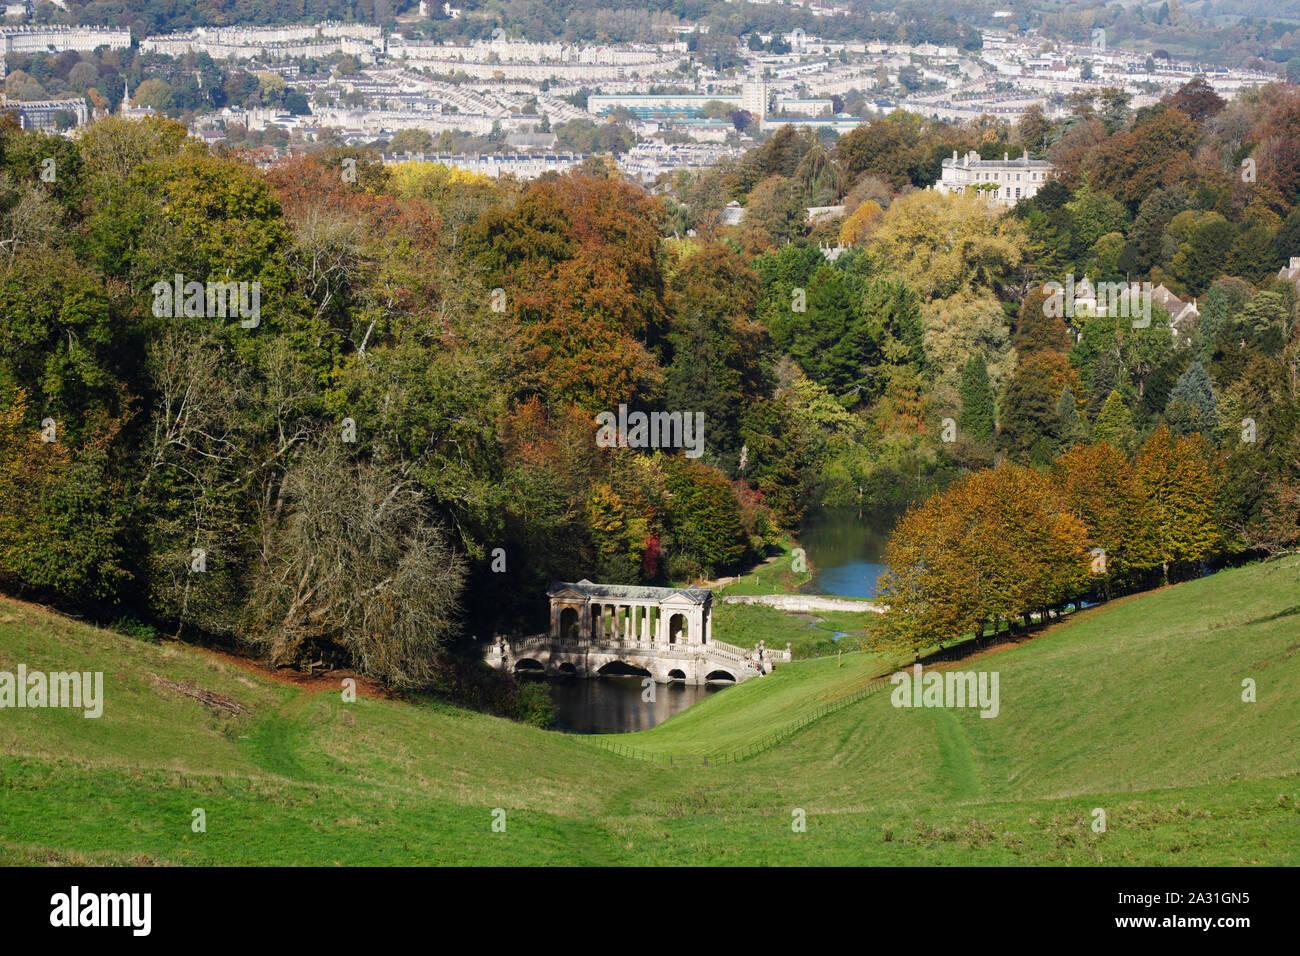 Antes Parque Jardín paisajístico con la ciudad de Bath en la distancia. Baño. En el Reino Unido. Foto de stock